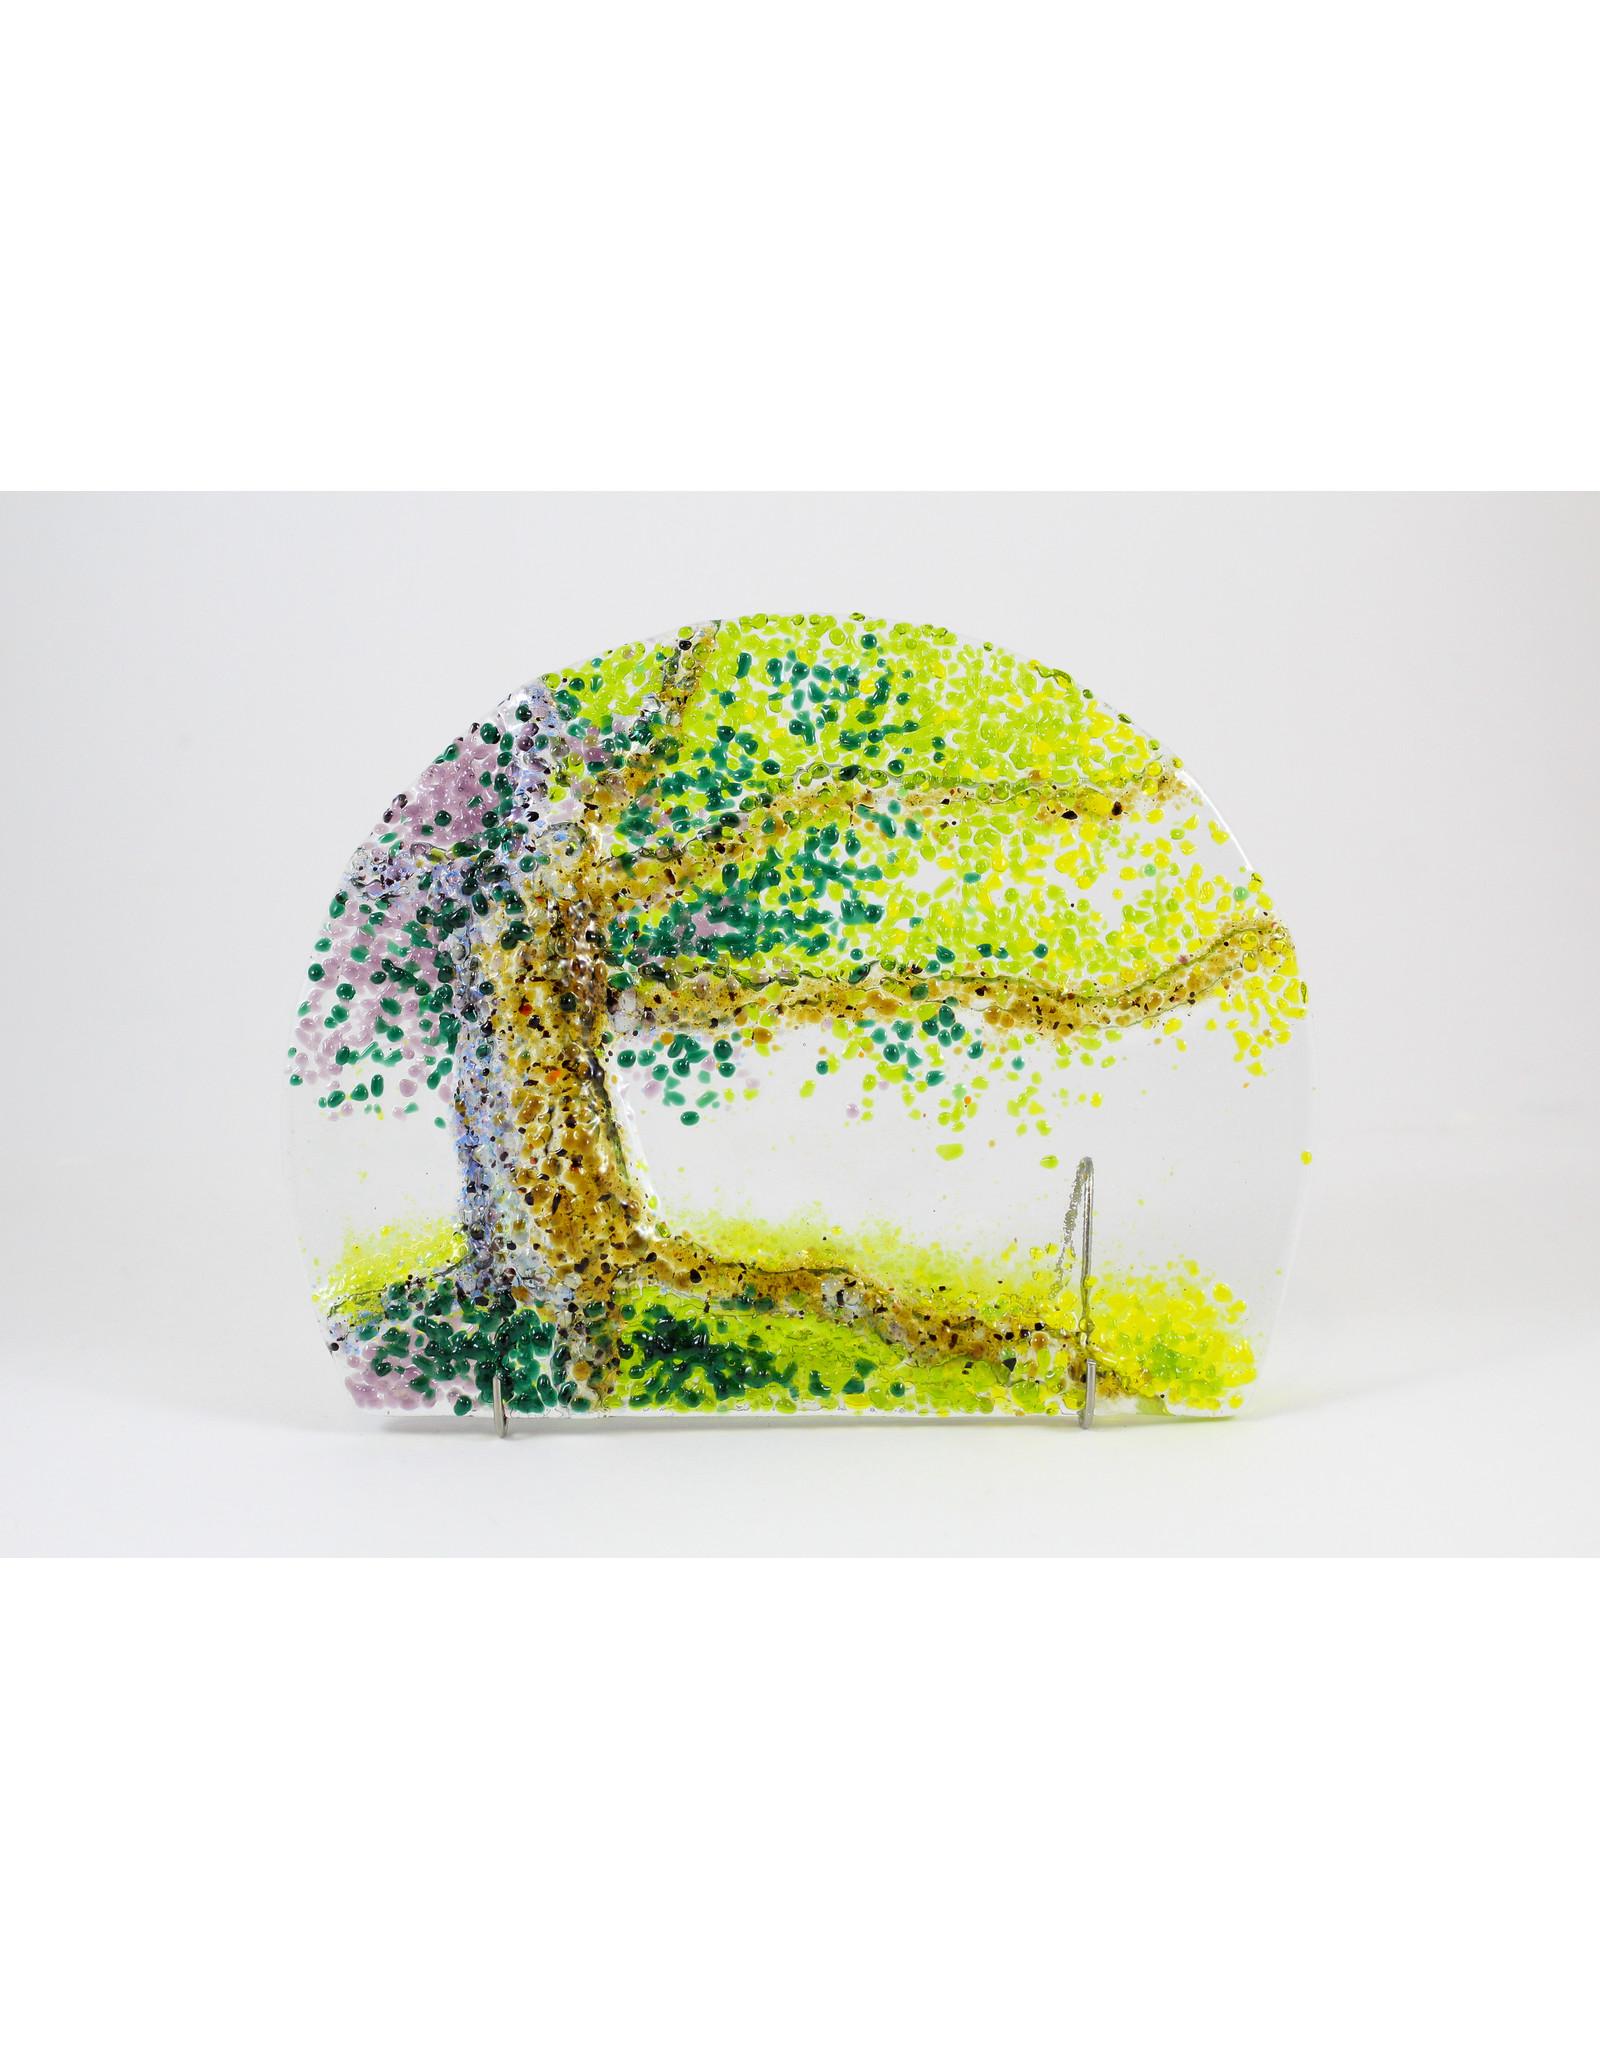 Brent Harding Tree by Brent Harding